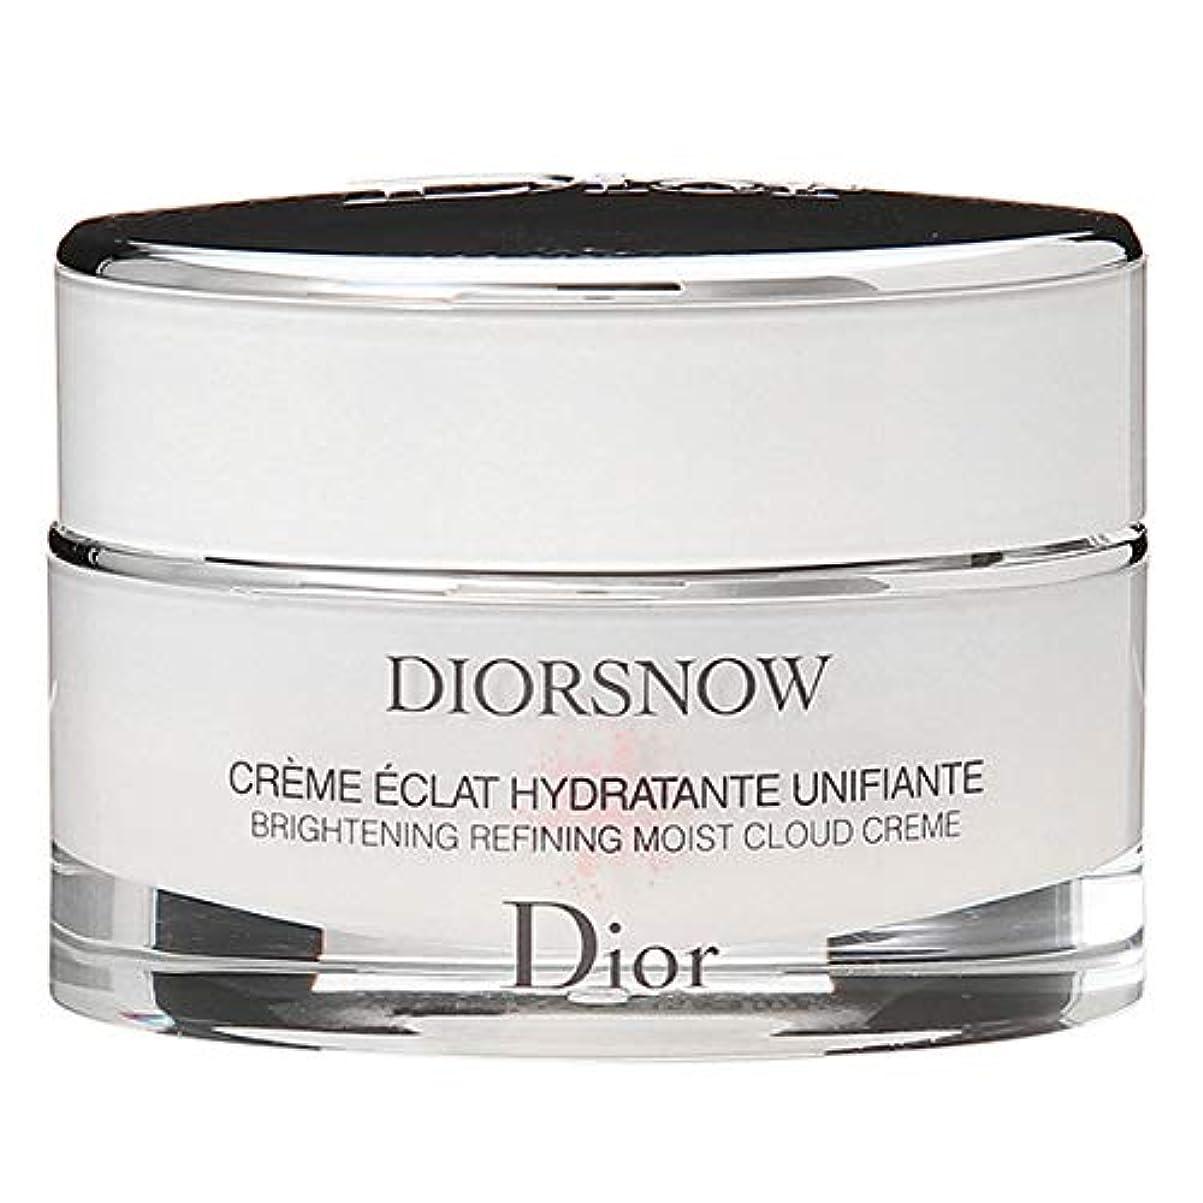 忘れられないライムキャンディークリスチャンディオール Christian Dior ディオール スノー ブライトニング モイスト クリーム 50mL 【並行輸入品】